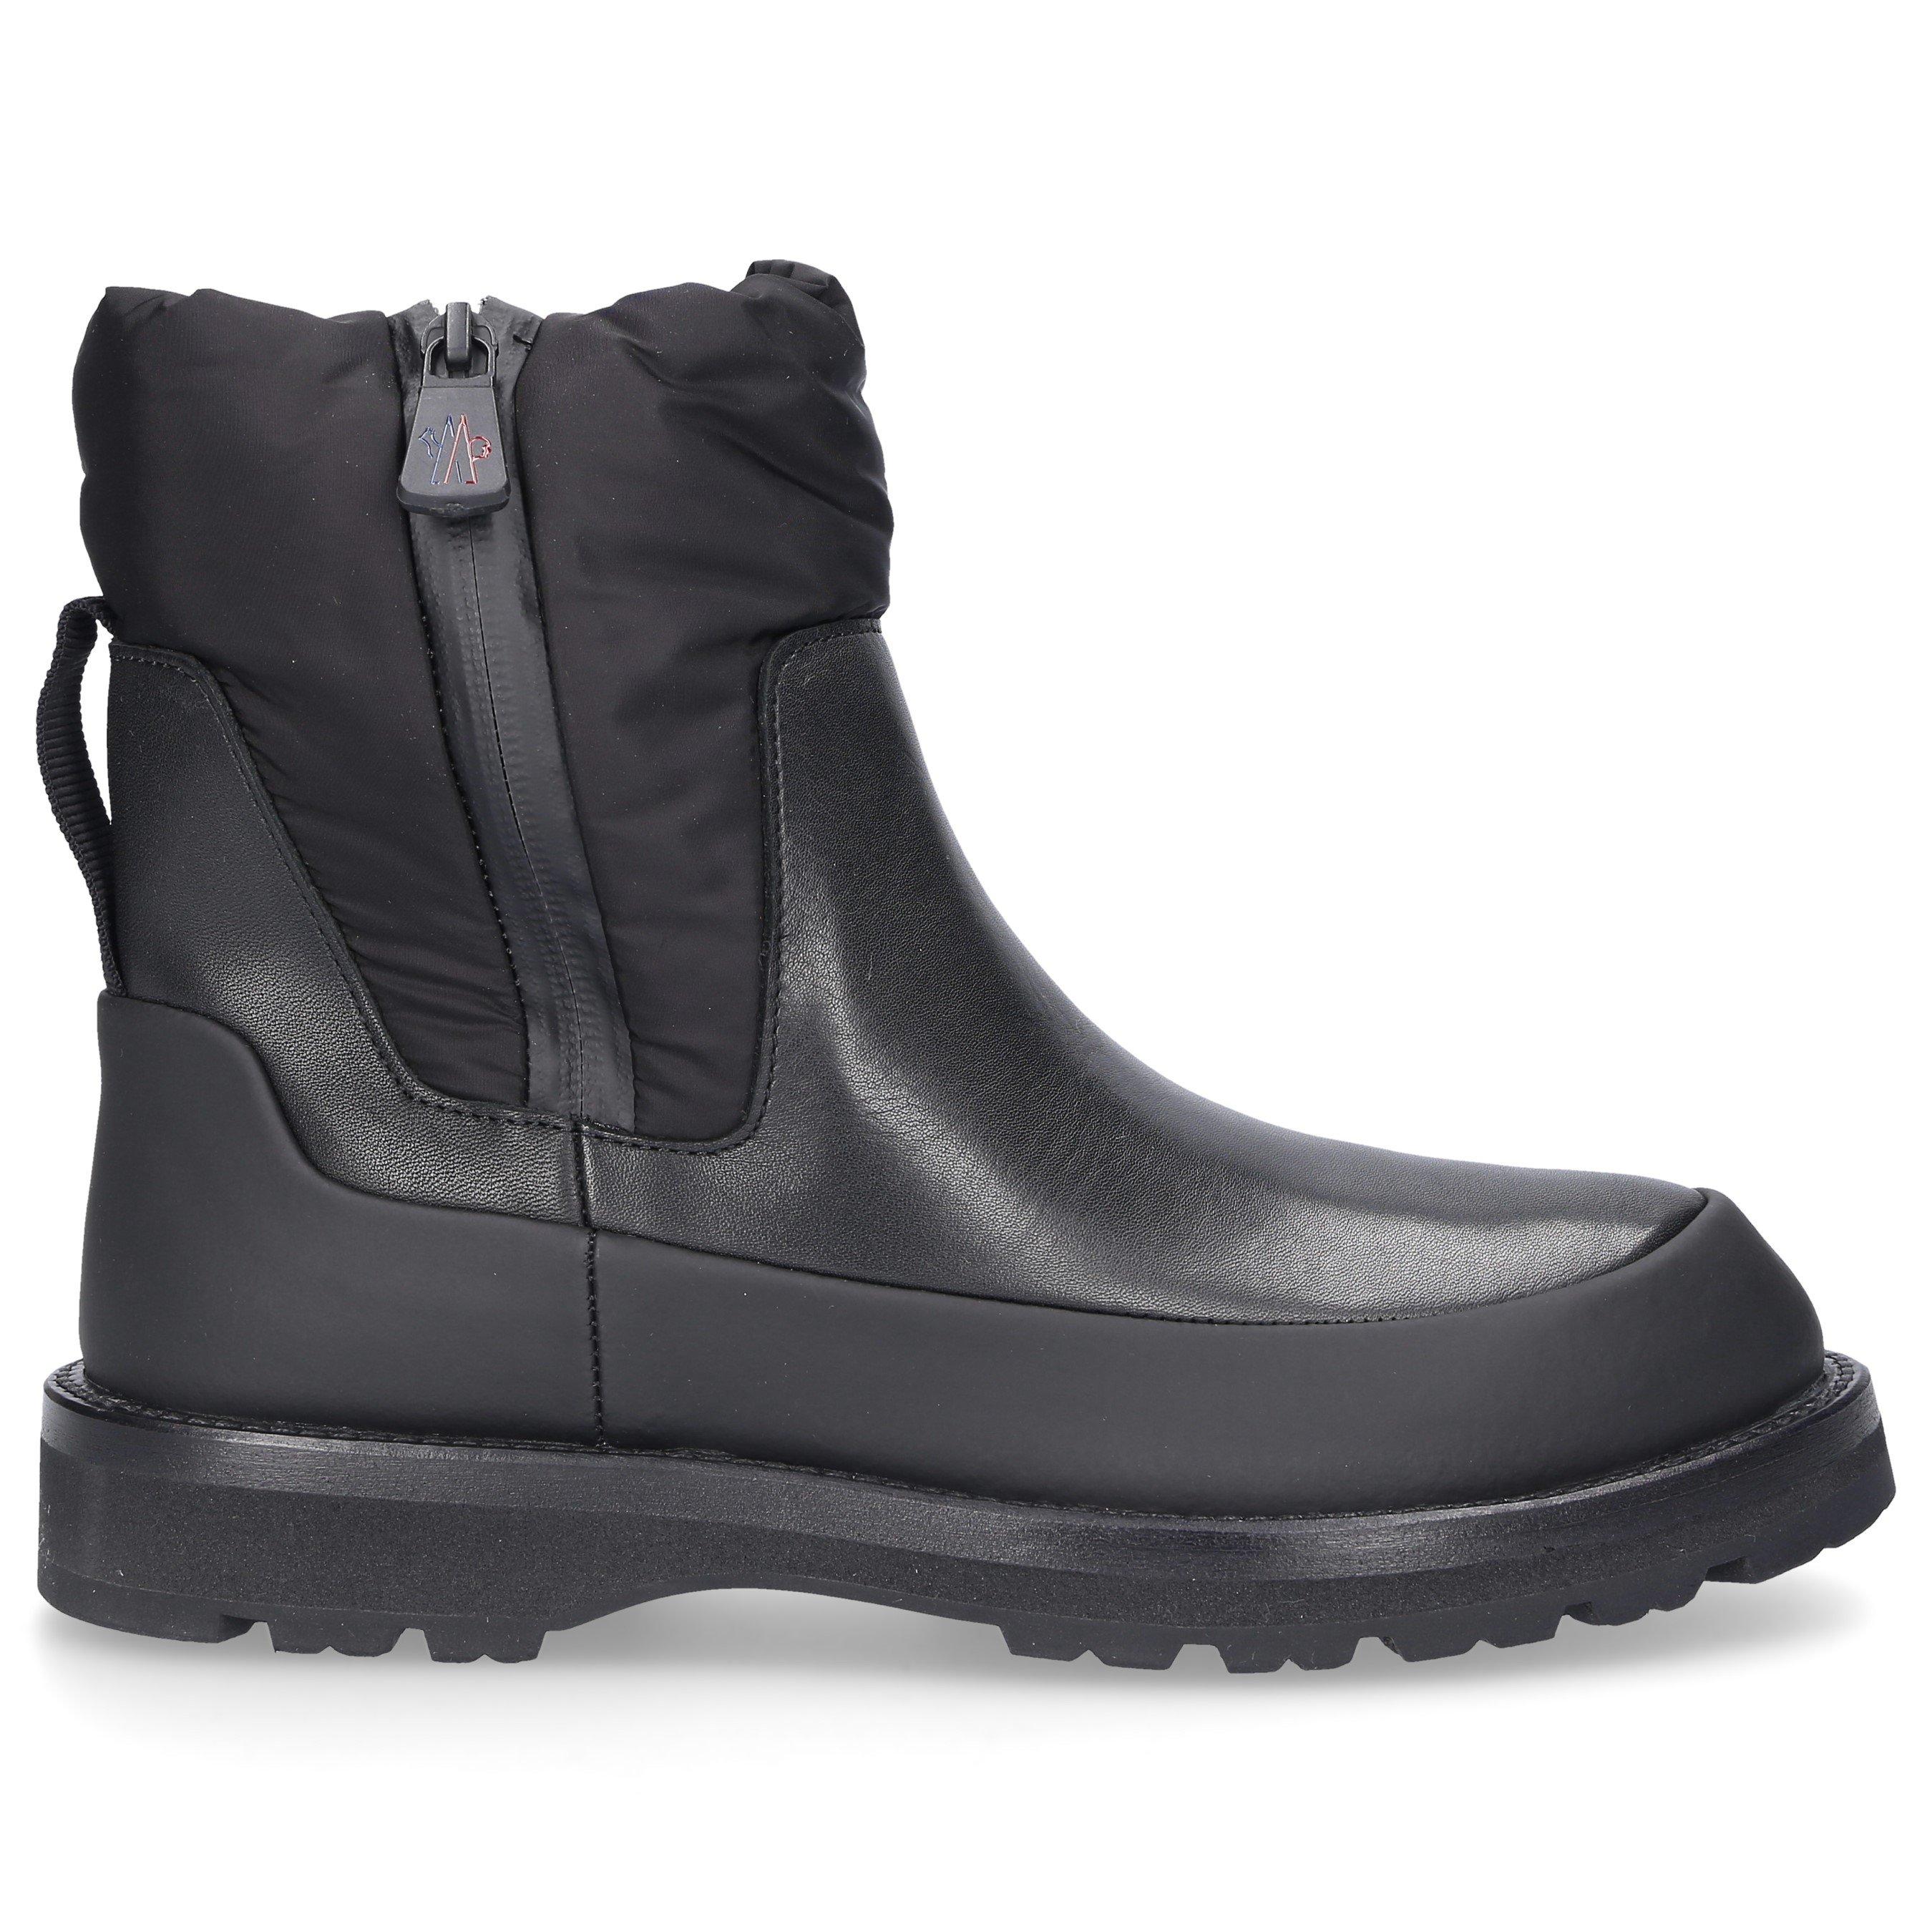 Moncler RAIN BOOTS RAIN DON'T CARE GUM NYLON LOGO BLACK